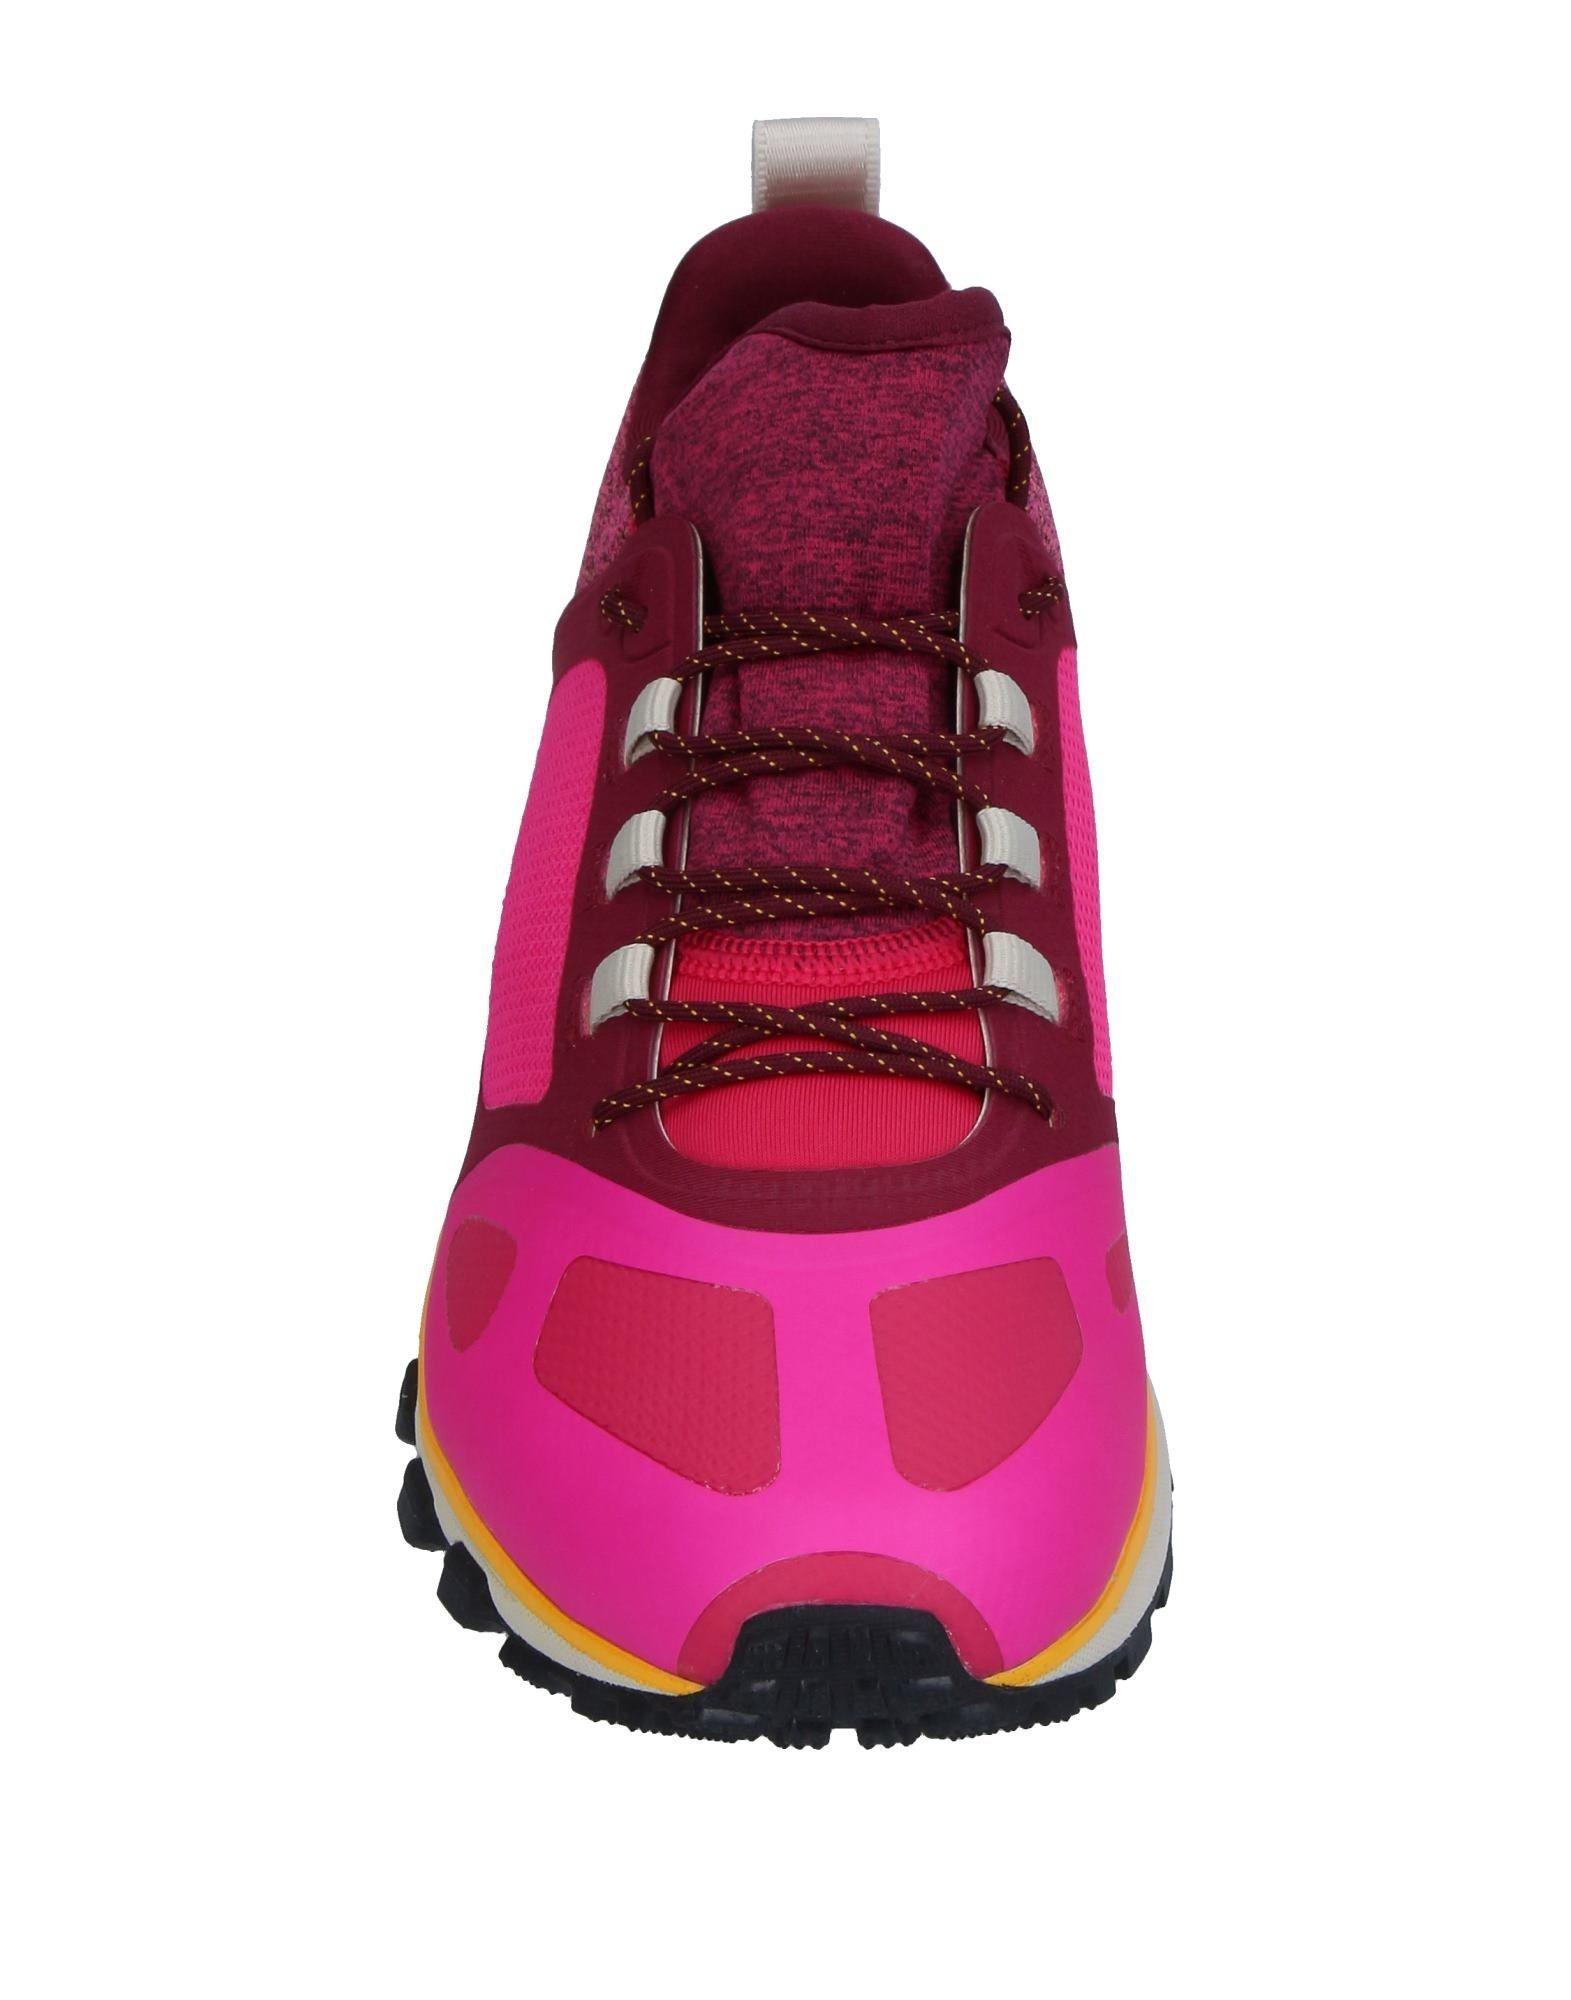 adidas By Stella McCartney Neoprene Low-tops & Sneakers in Fuchsia (Purple)